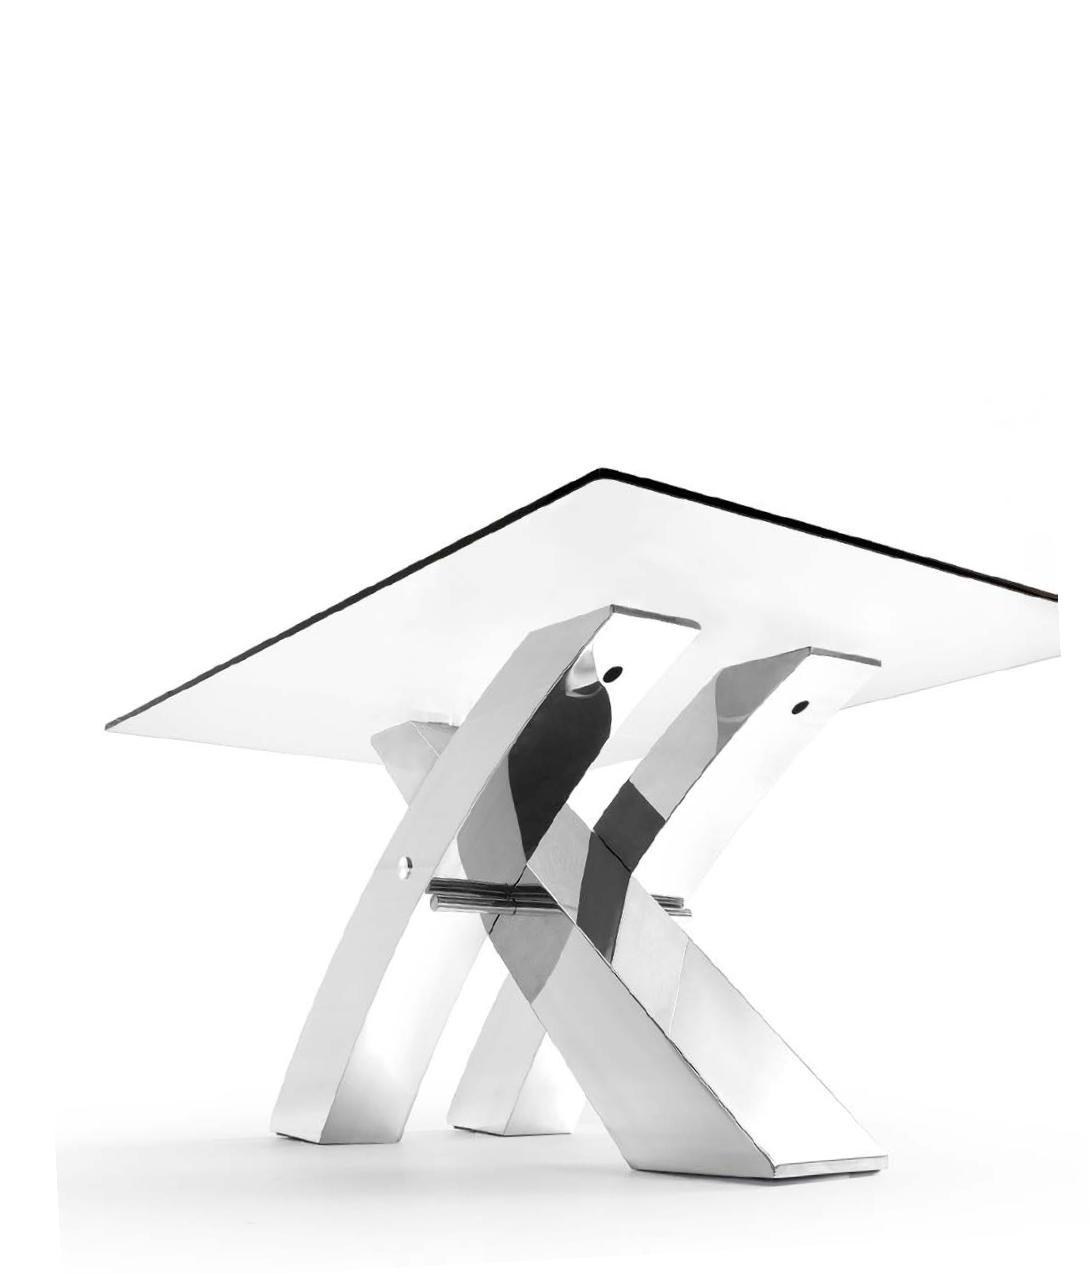 Mesa de comedor logan de dise o moderno 180 cristal y for Mesa comedor diseno cristal